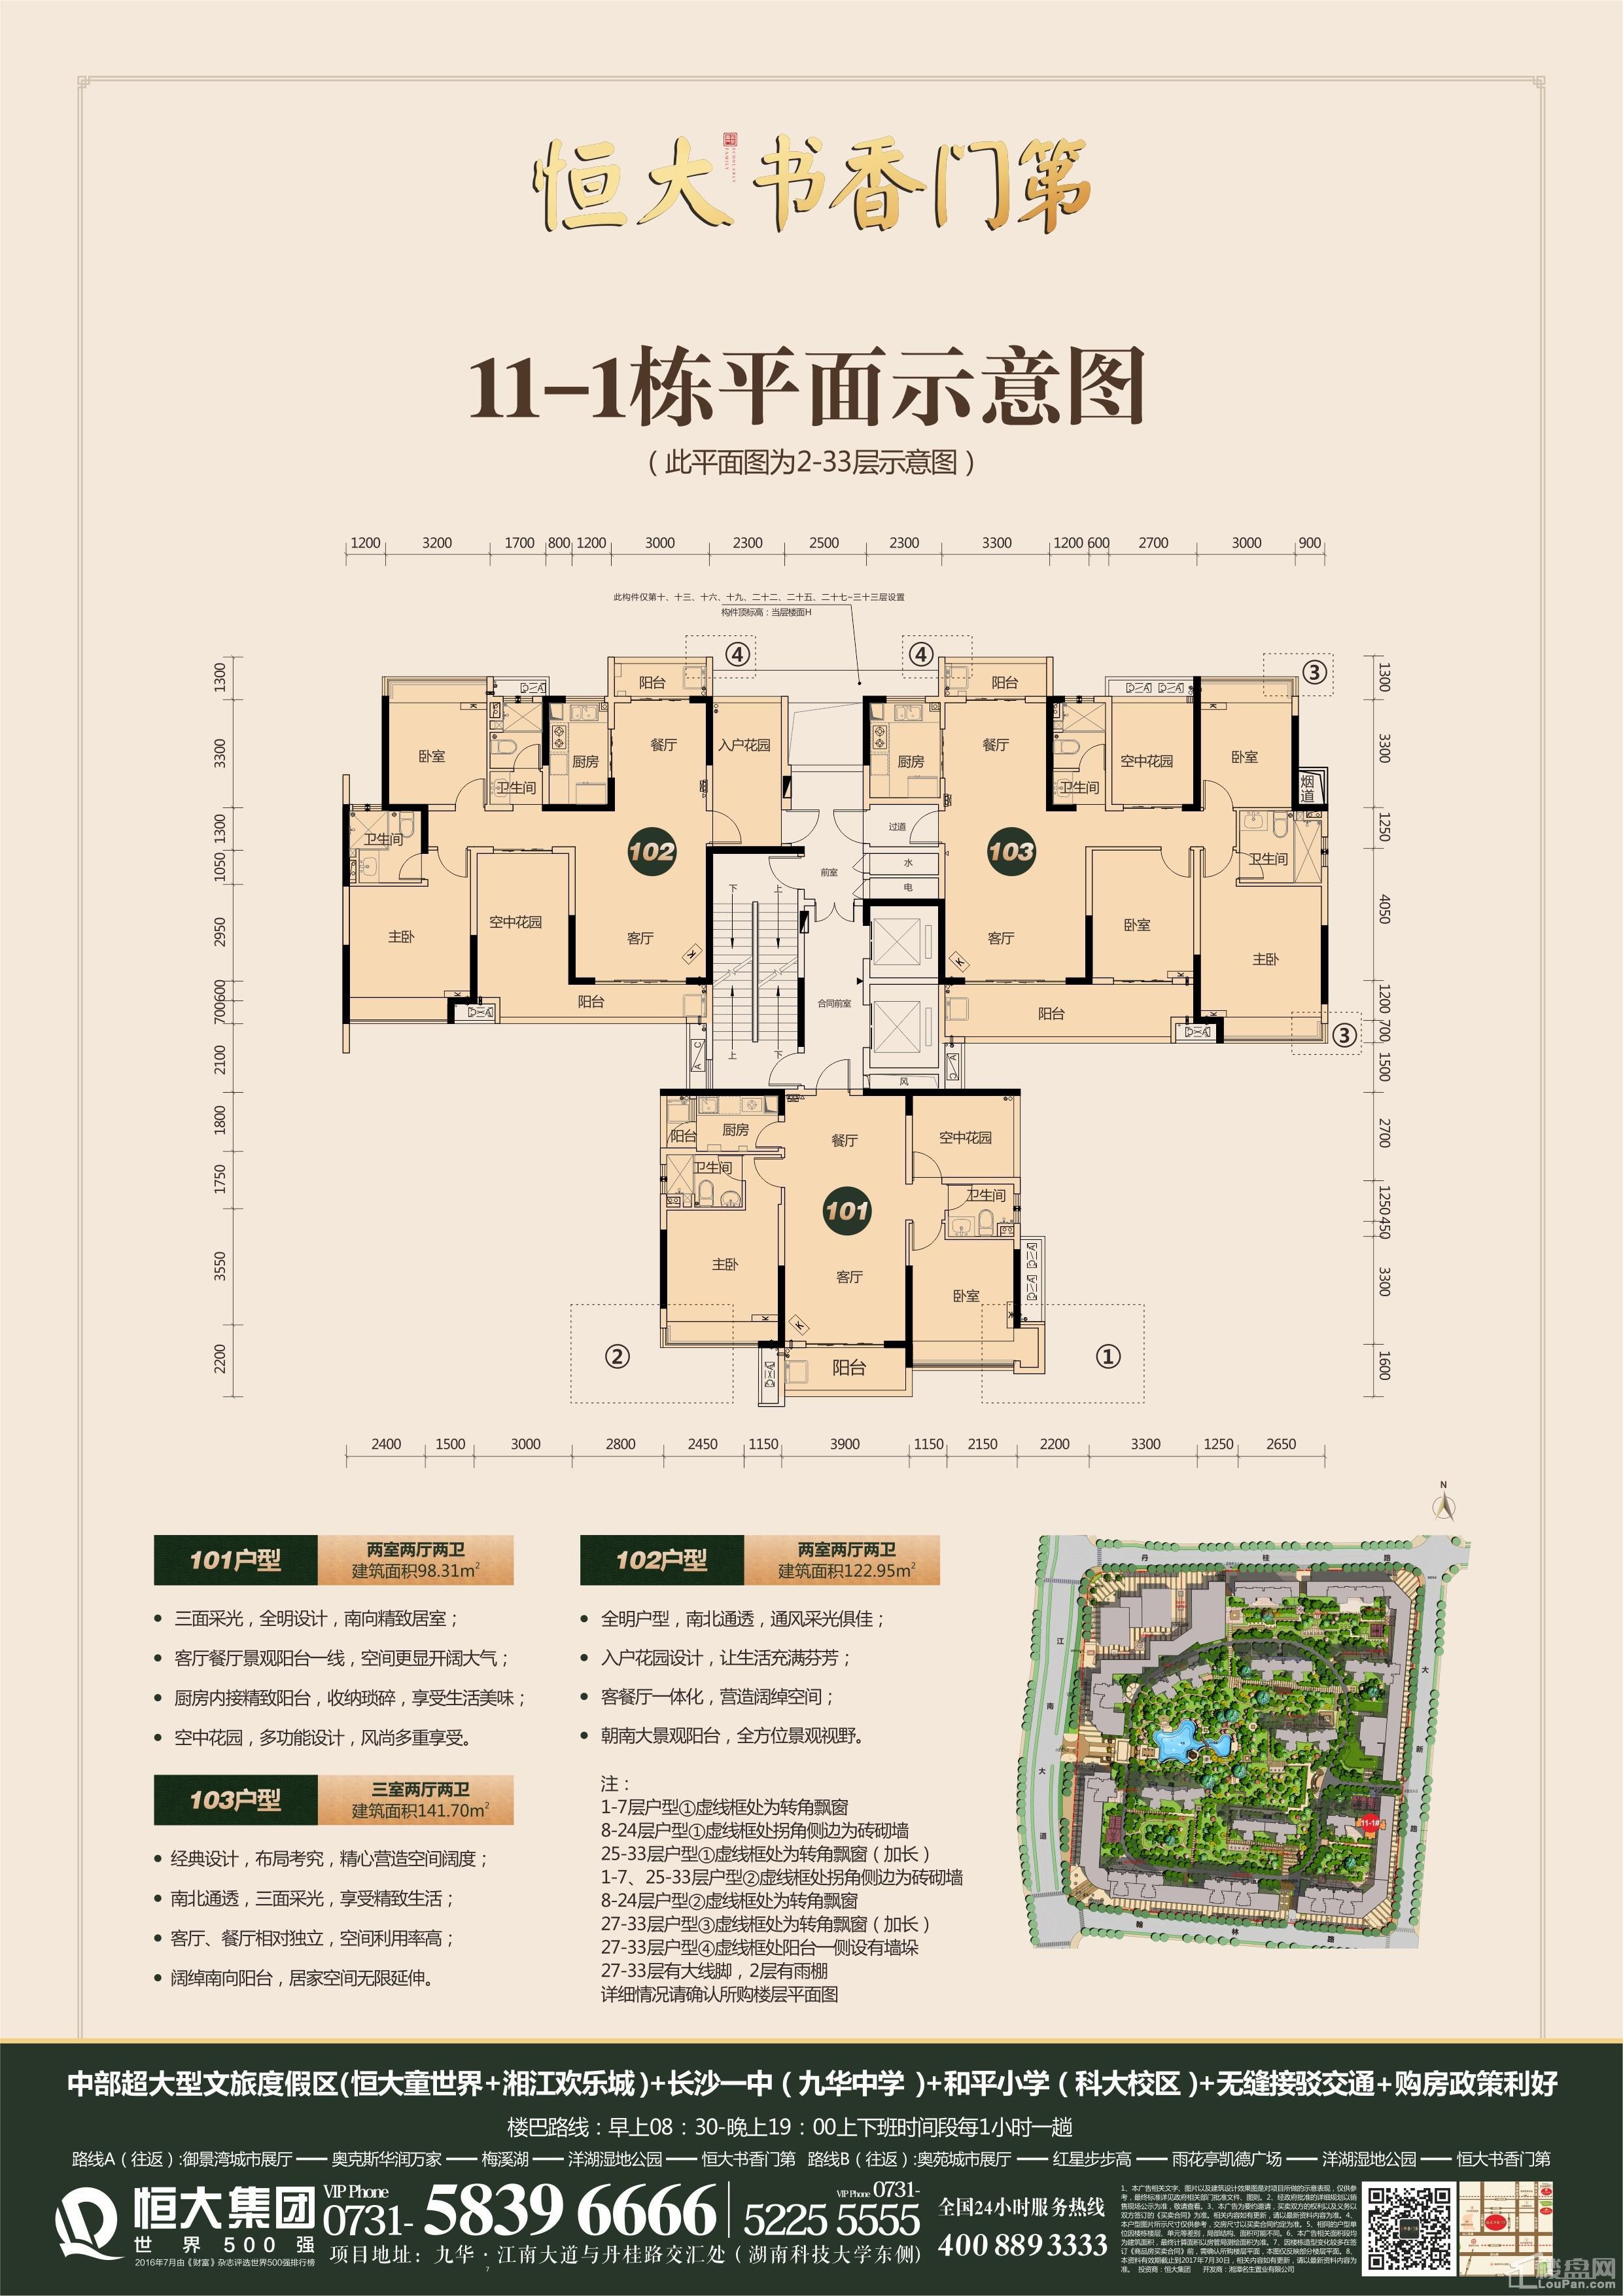 湘潭恒大书香门第11号栋户型图